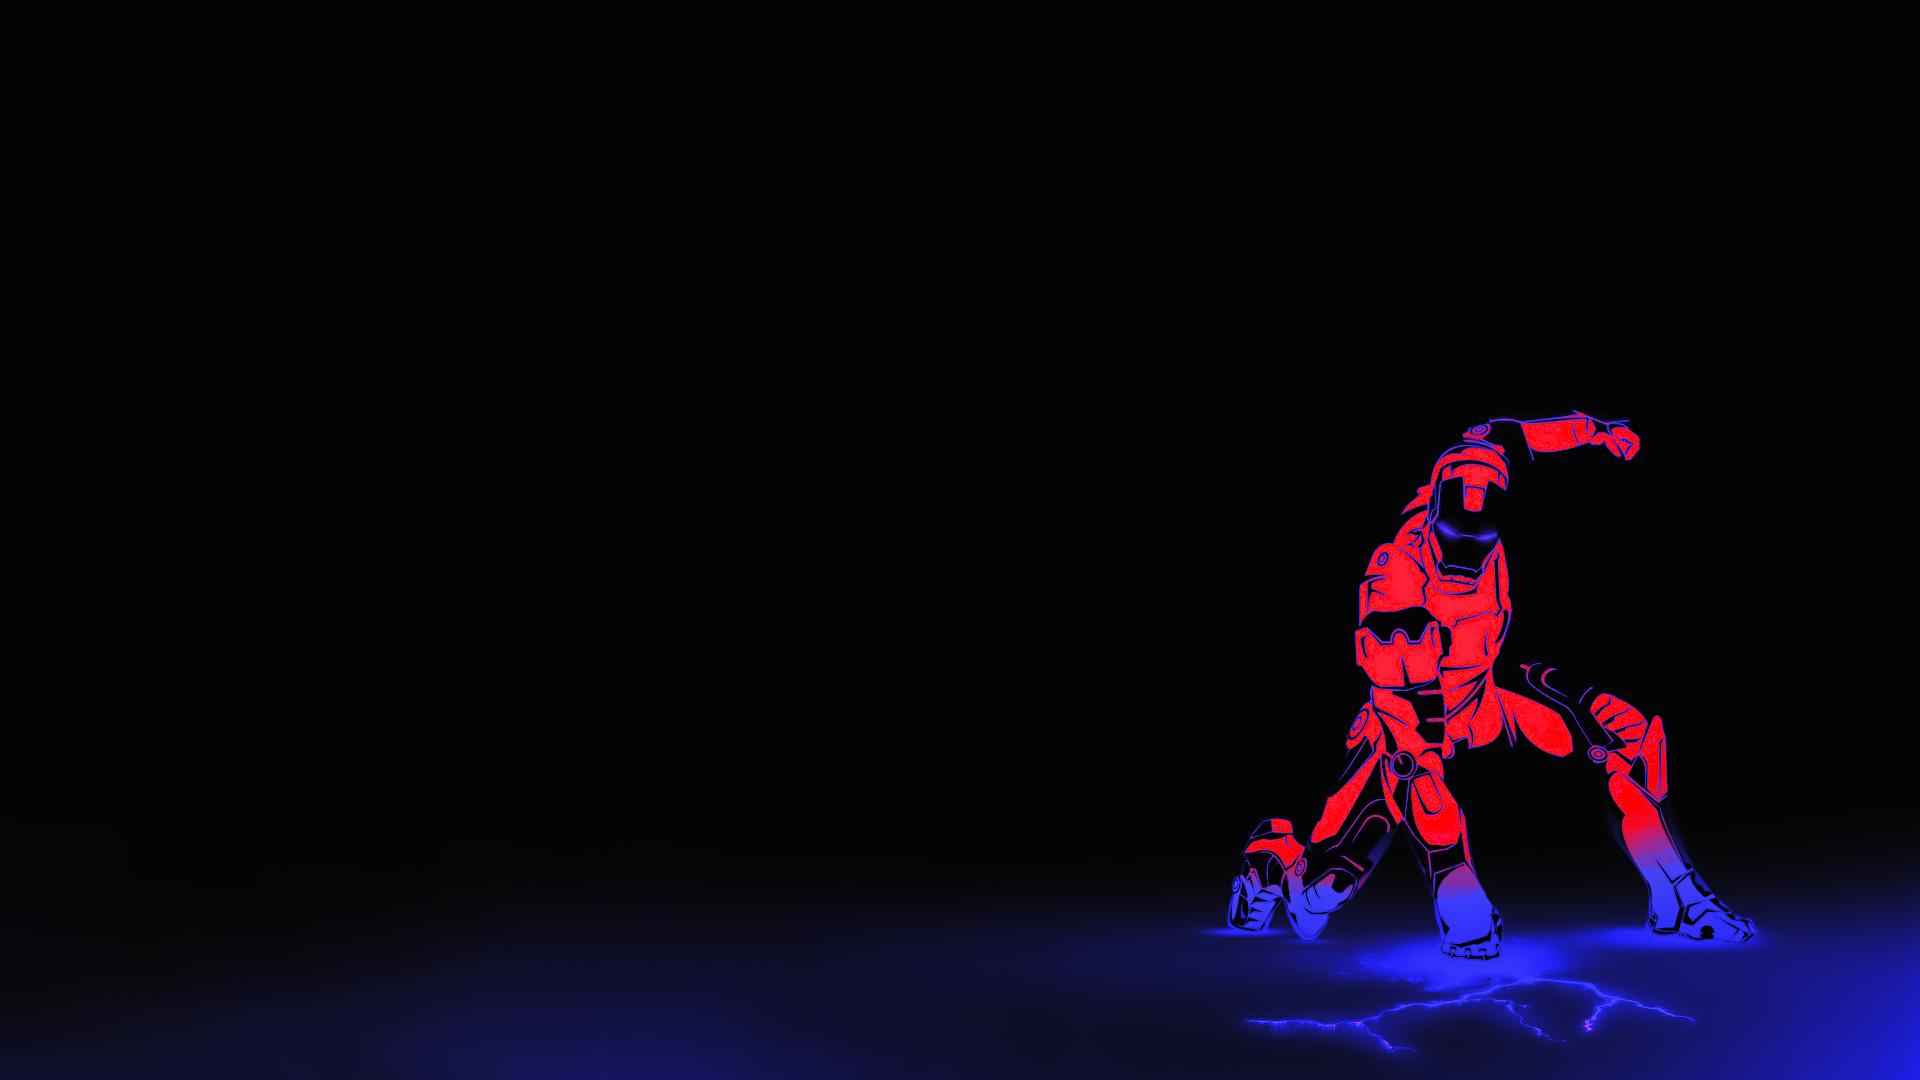 钢铁侠动态主题_钢铁侠 高清壁纸 | 桌面背景 | 1920x1080 | ID:662531 - Wallpaper Abyss